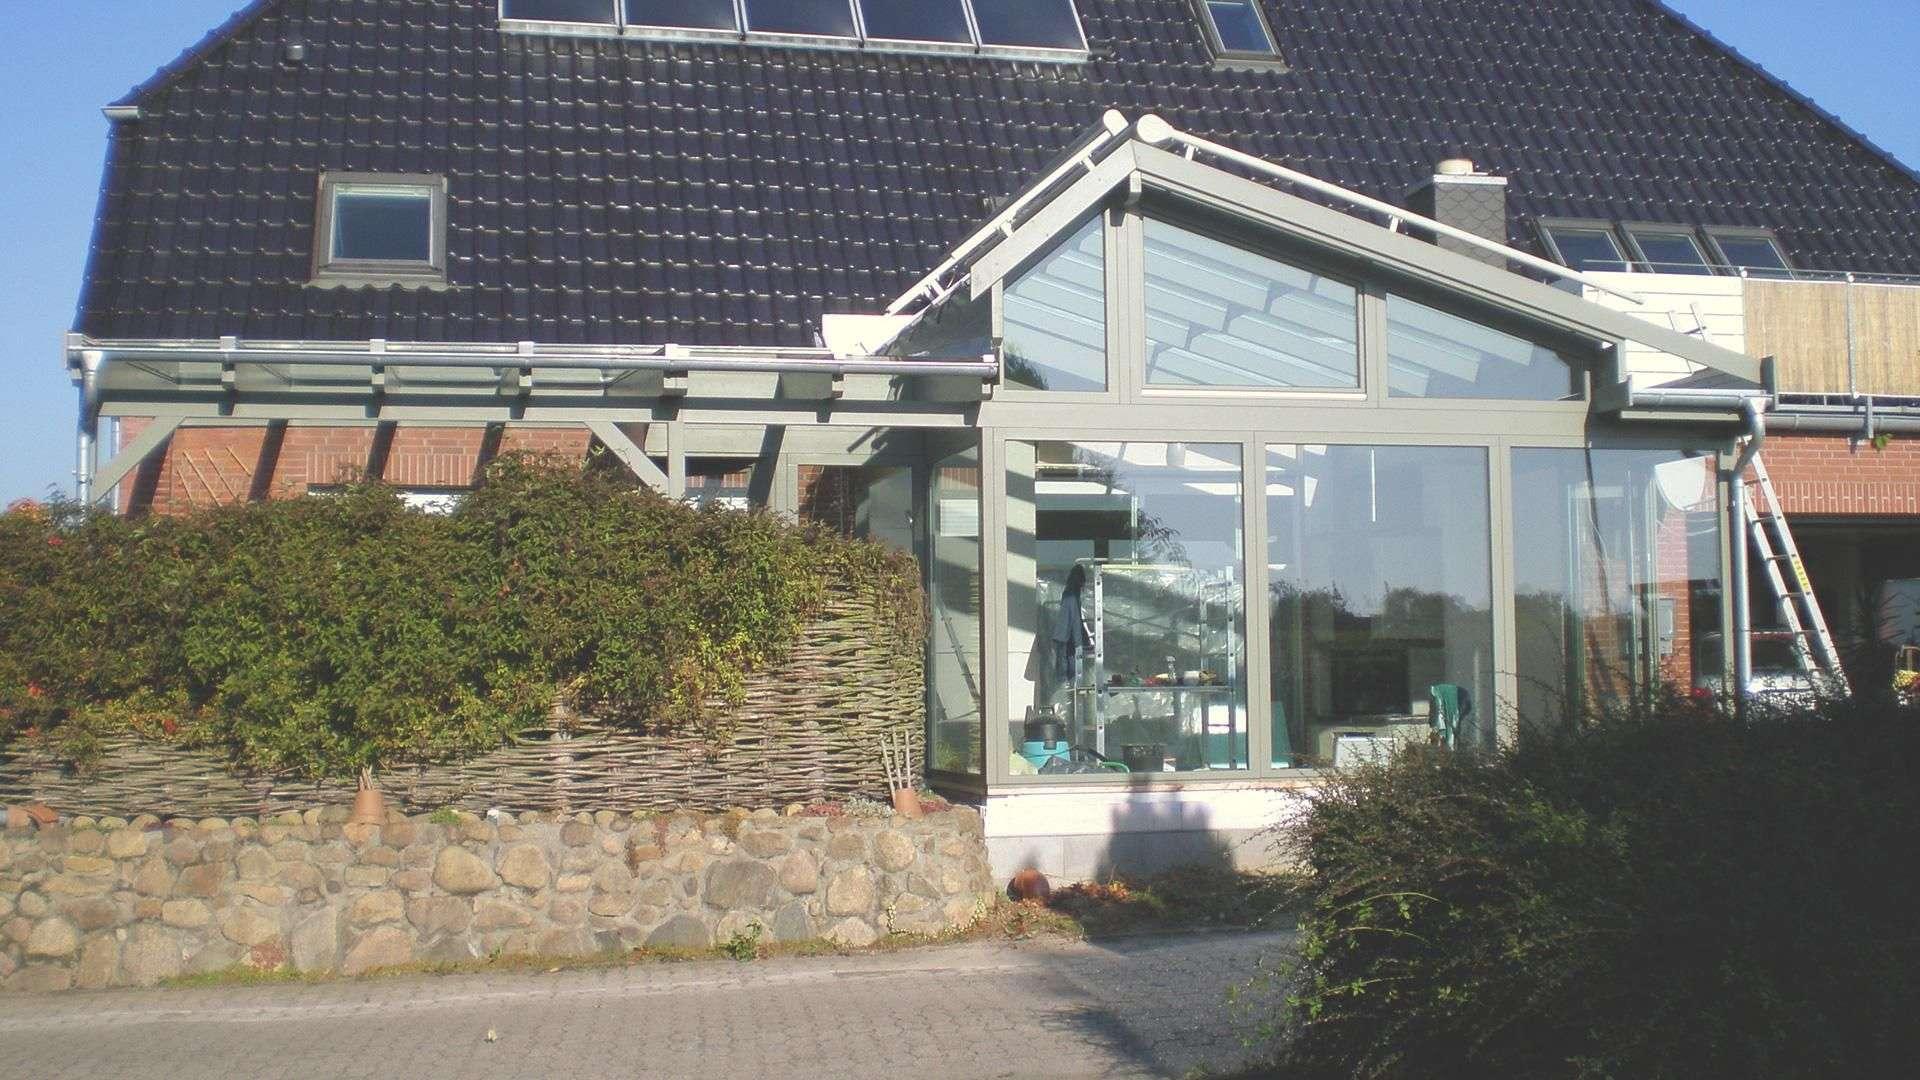 Wintergärten mit Sonderlösung in der Dachkonstruktion an einem Wohnhaus